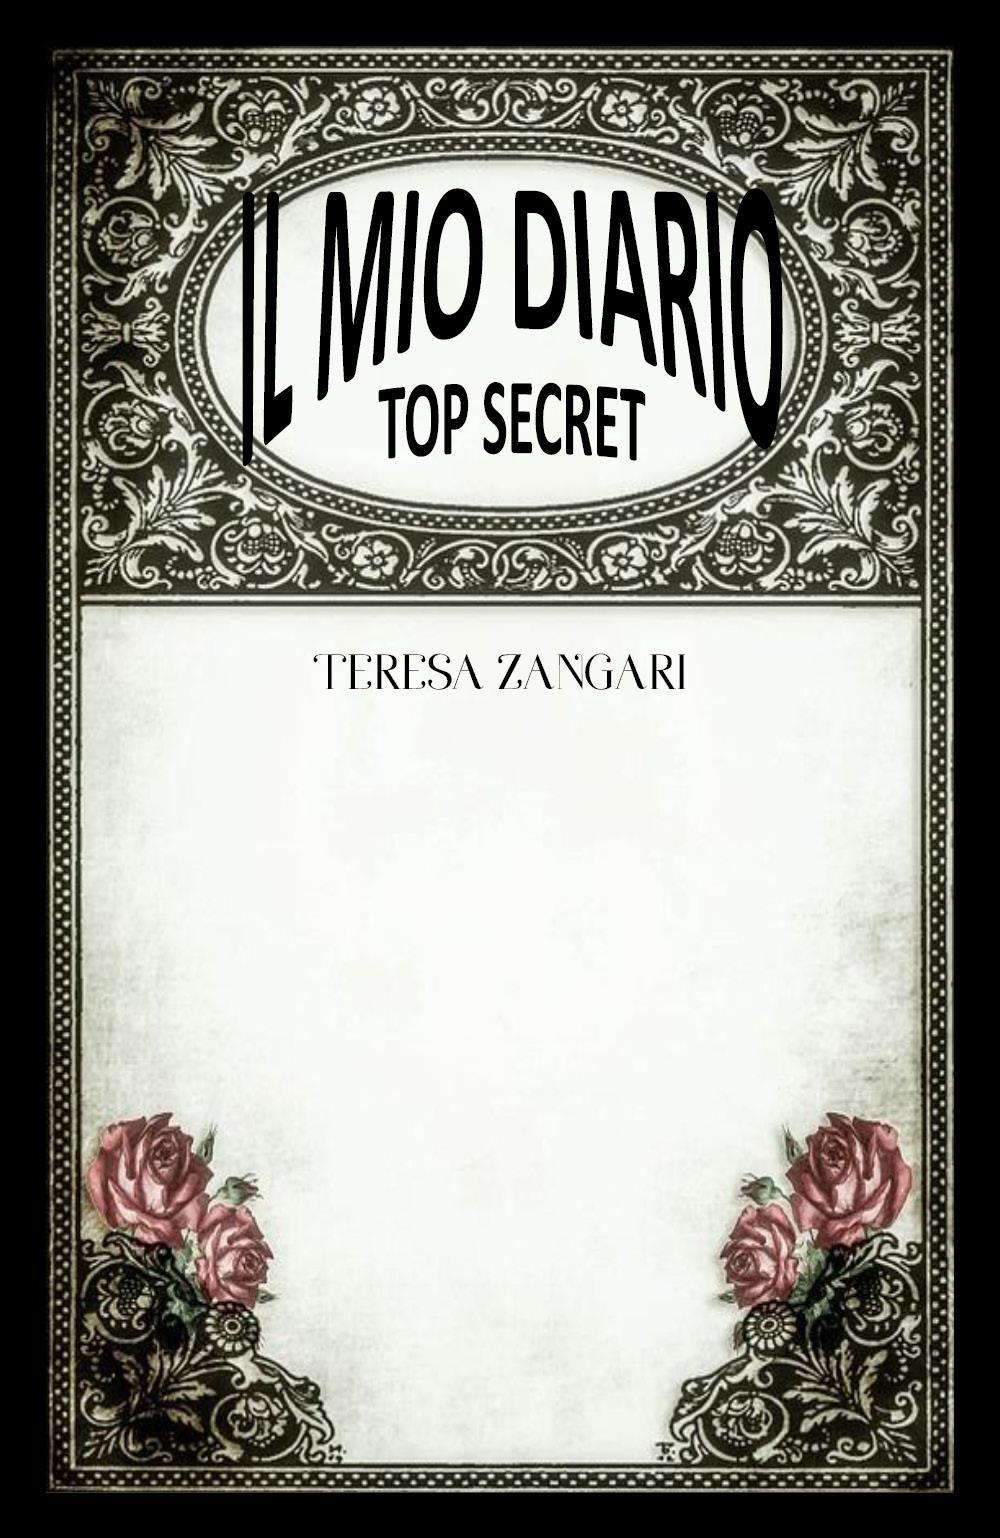 Il mio diario - Top secret